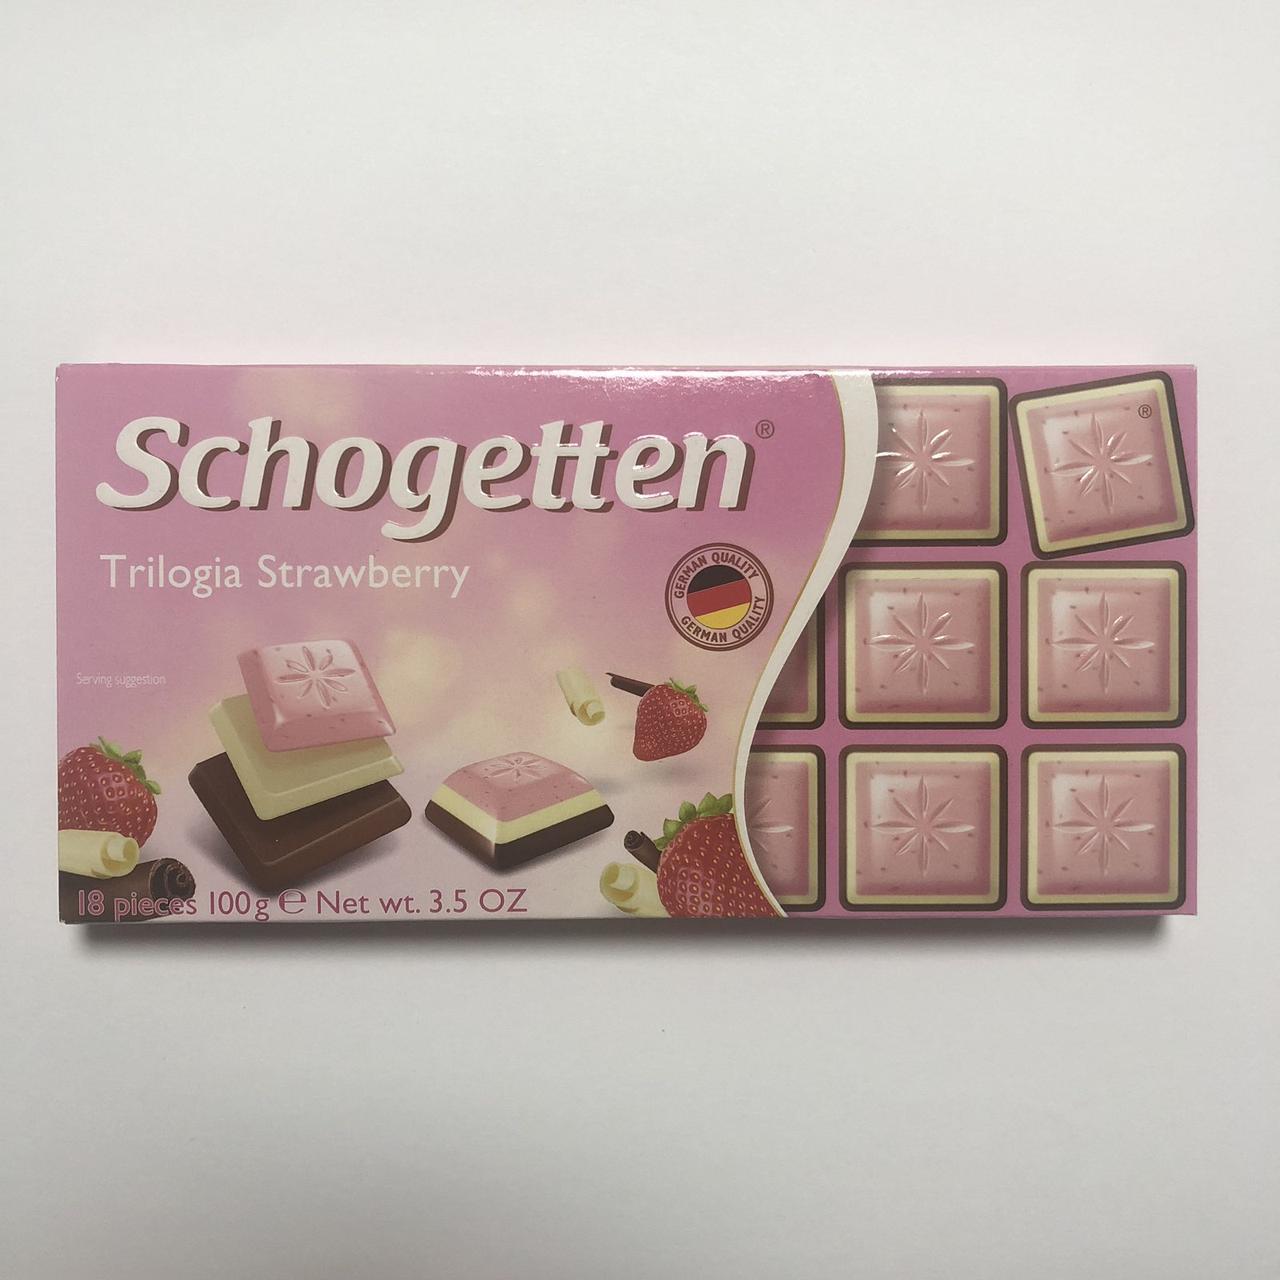 Шоколад молочный, белый «Schogetten» Trilogia Strawberry (клубника), 100 г.